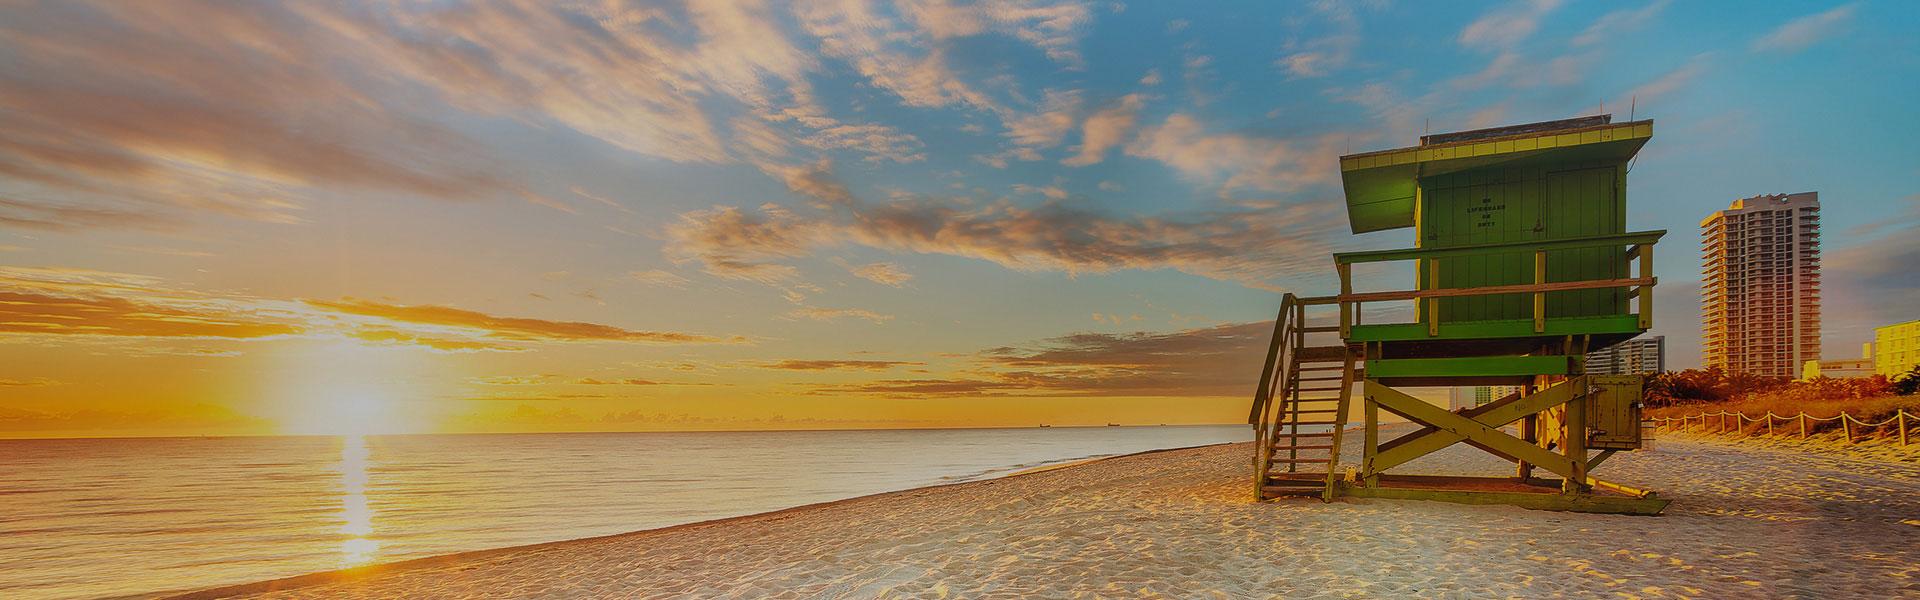 South Beach al atardecer en Miami